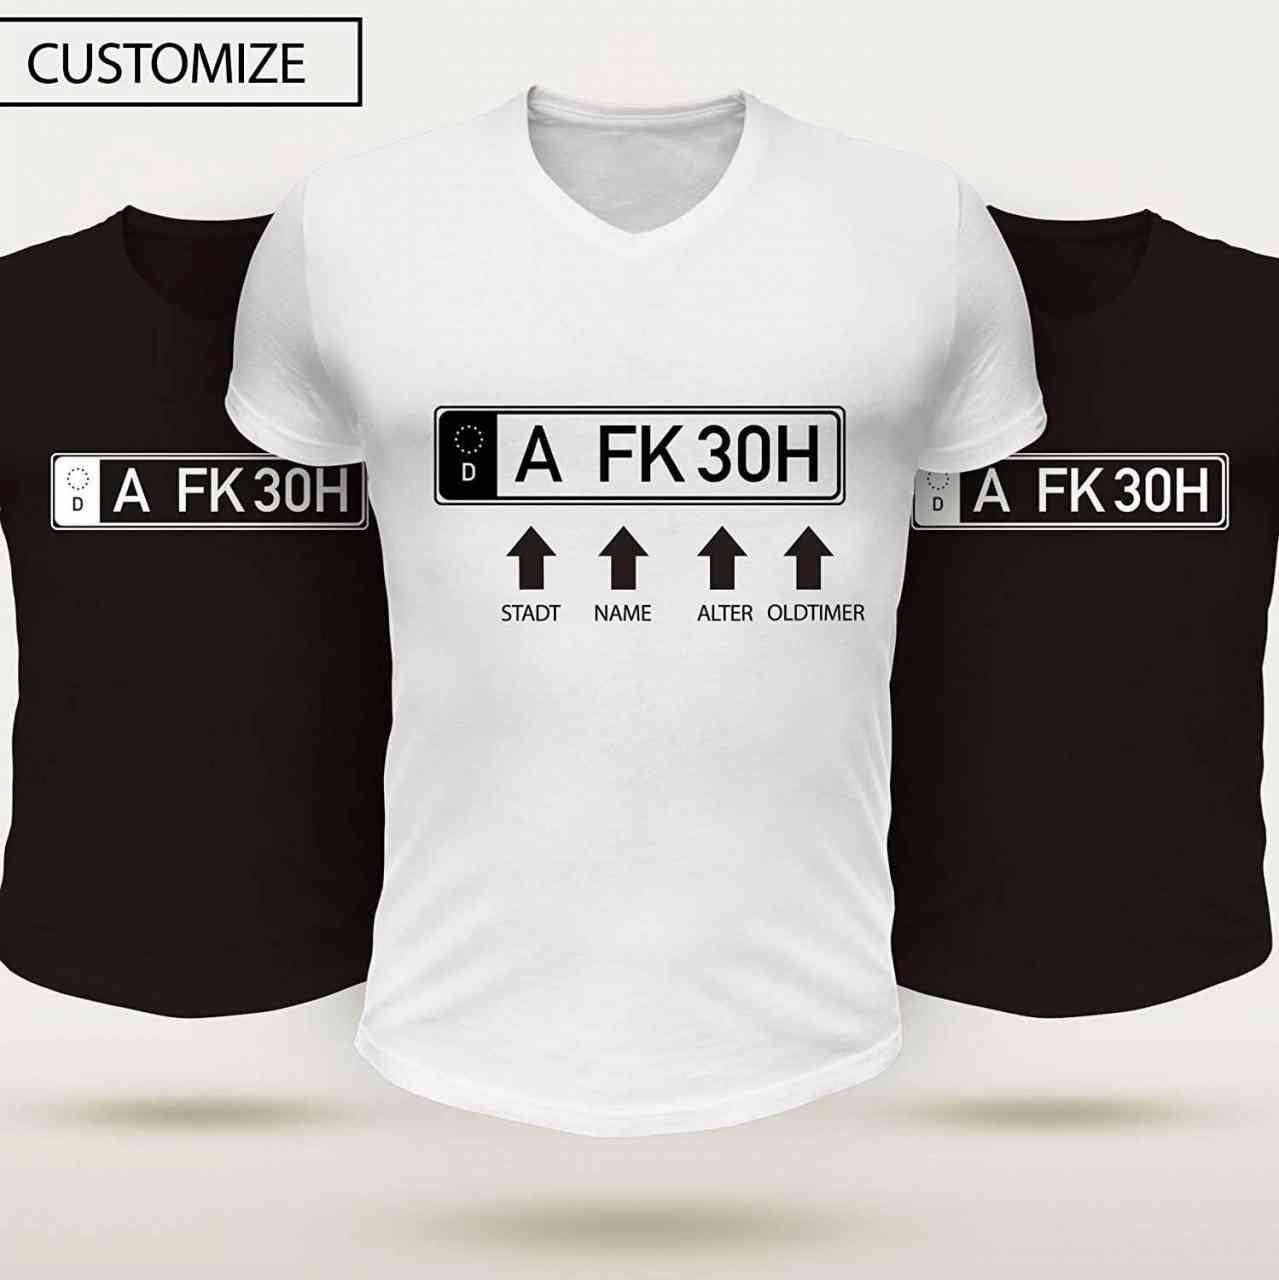 Oldtimer Kennzeichen T-Shirt Individuell mit Name (Anfangsbuchstaben), Ort und Alter | Männer oder F